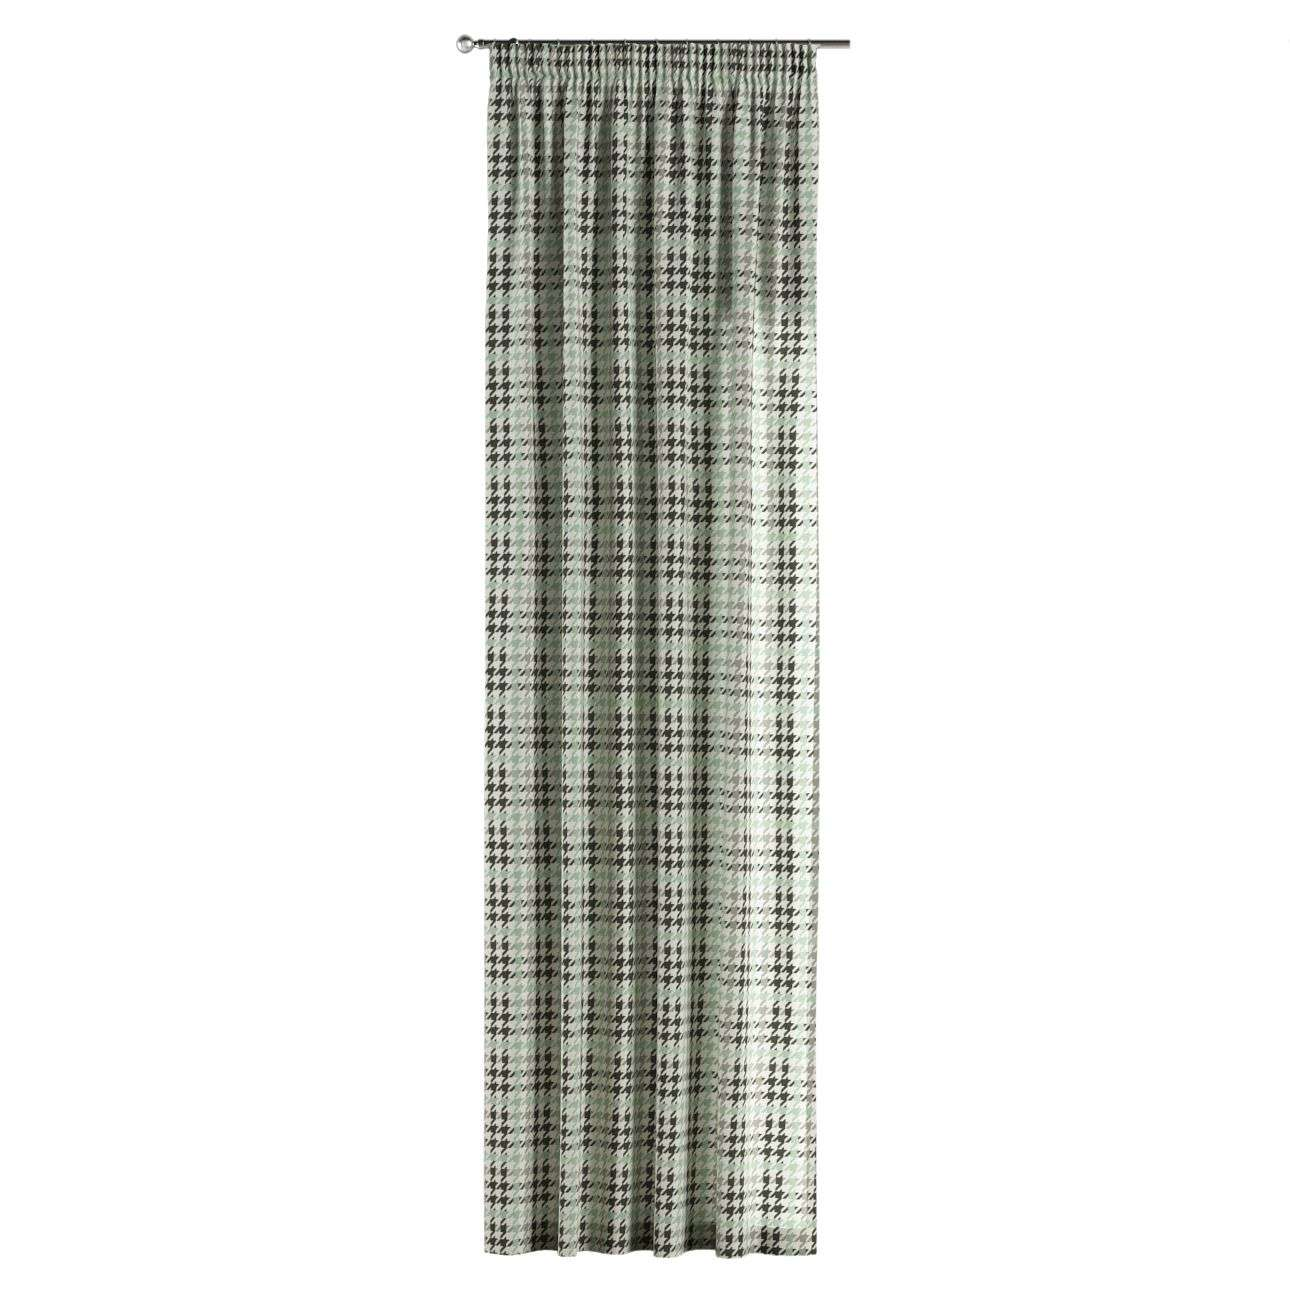 Vorhang mit Kräuselband 130 x 260 cm von der Kollektion Brooklyn, Stoff: 137-77